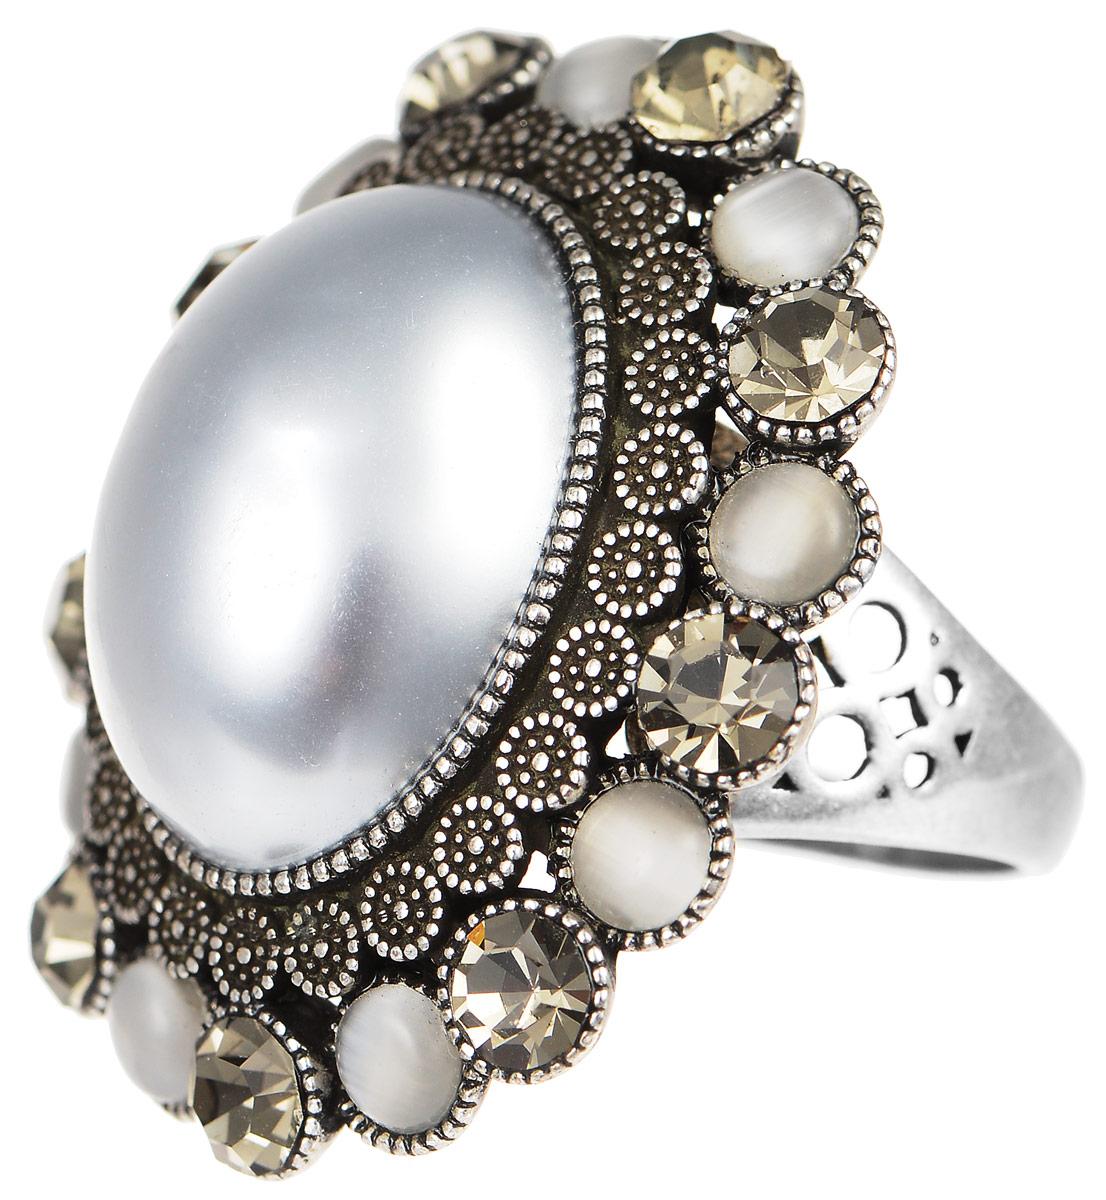 Кольцо Art-Silver, цвет: серебристый, серый, серебристо-синий. 064458-803-821. Размер 18064458-803-821Великолепное кольцо Art-Silver изготовлено из бижутерного сплава. Изделие дополнено цирконами и натуральными камнями кошачий глаз. В центре кольцо украшает искусственный жемчуг Майорика. Отверстие кольца оформлено декоративной перфорацией. Стильное кольцо придаст вашему образу изюминку и подчеркнет индивидуальность.